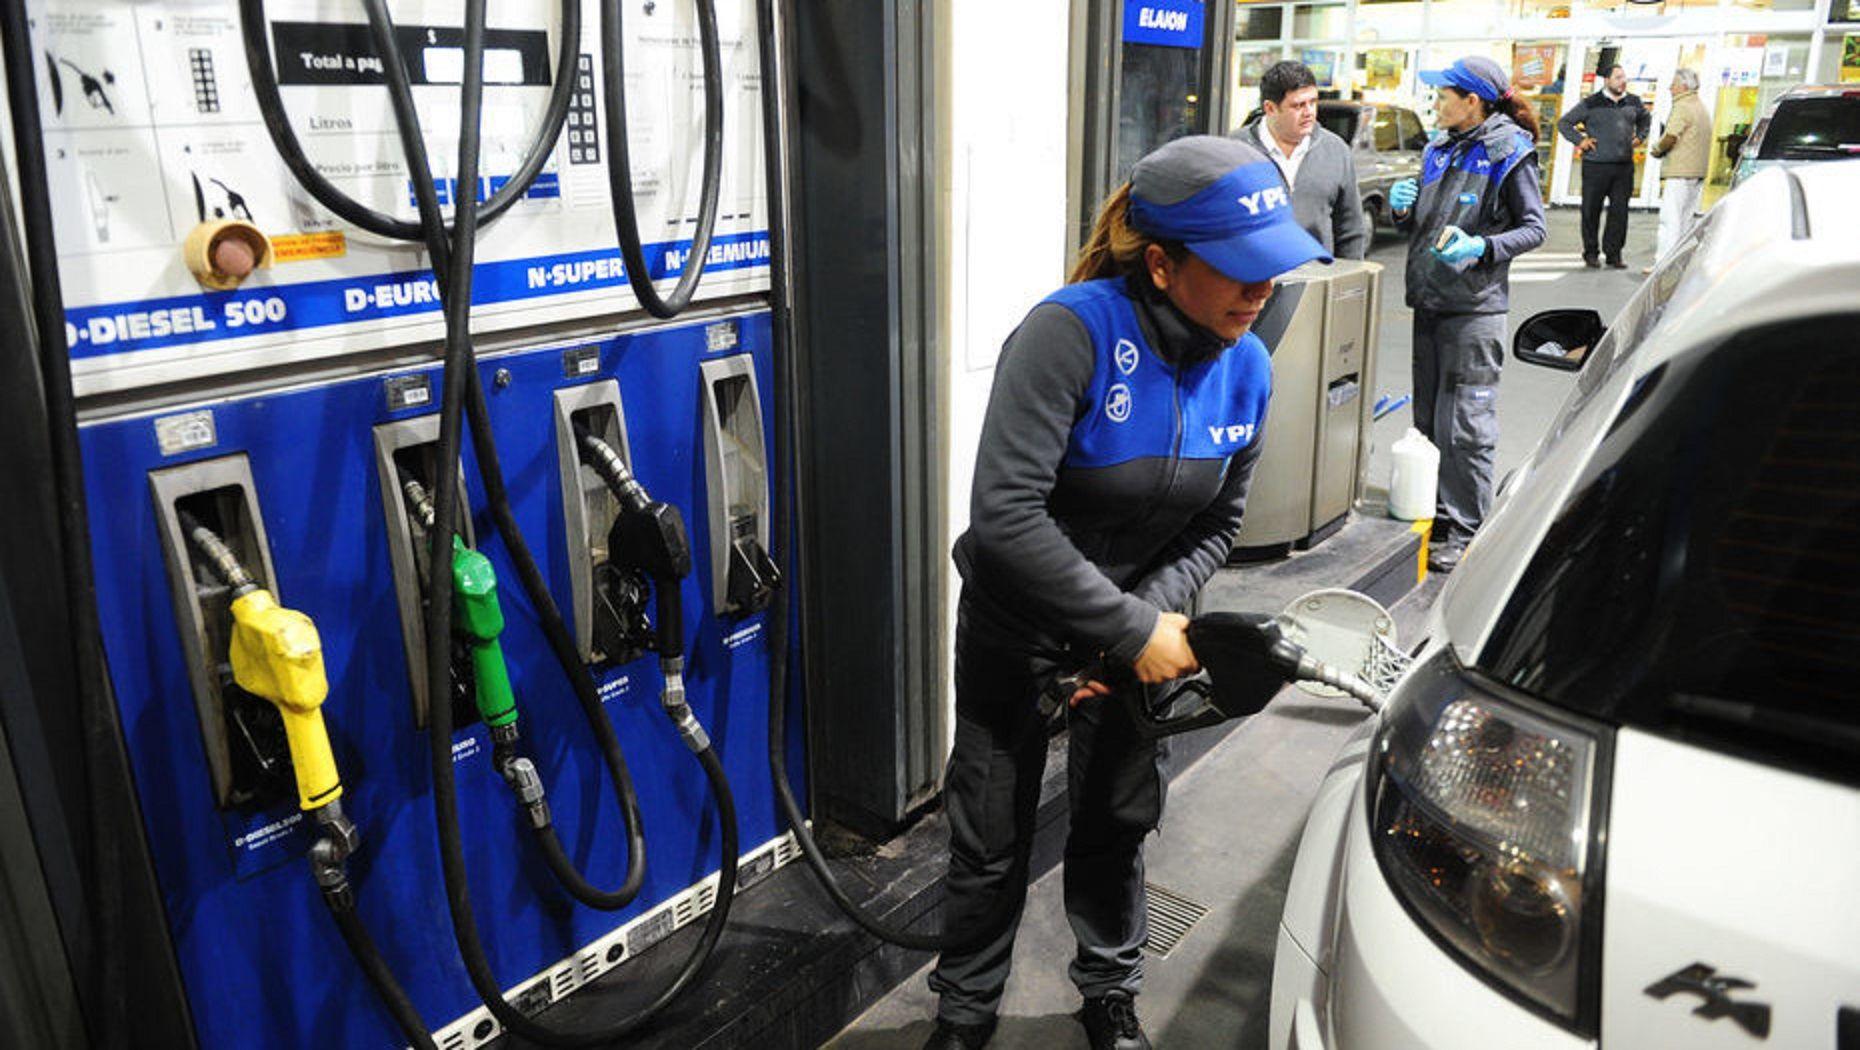 Postergaron el aumento de las naftas: negocian cuánto va a subir